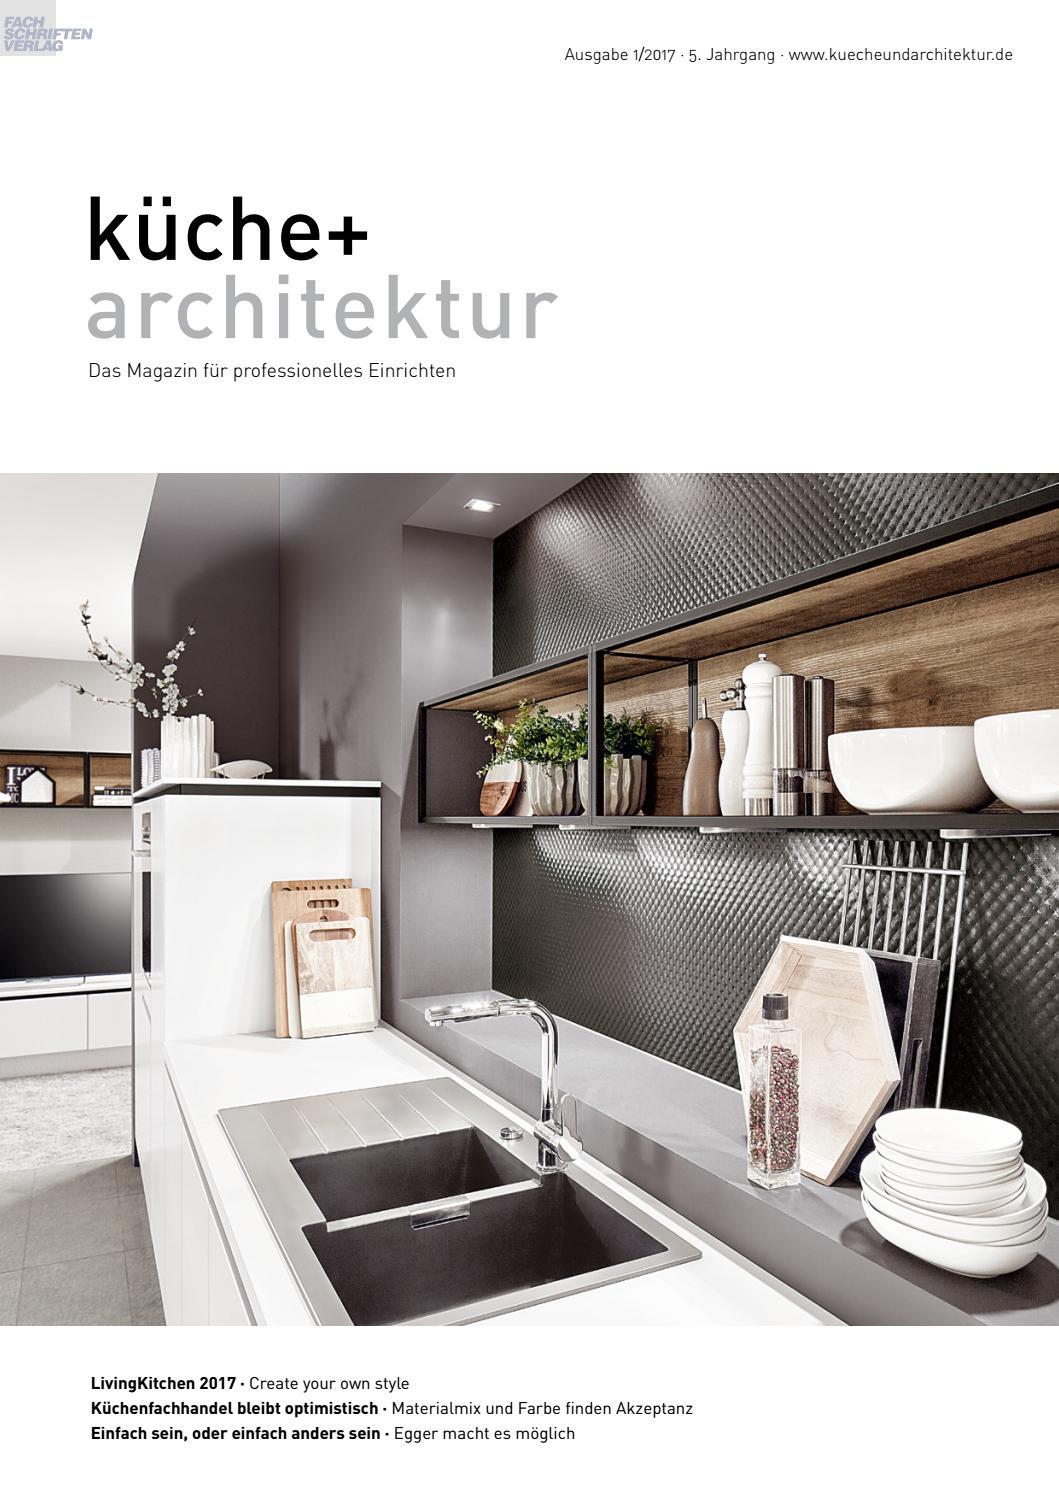 Full Size of Kche Architektur 1 2017 By Fachschriften Verlag Stehhilfe Küche Hochglanz Weiss Ebay Ausstellungsstück Miniküche Einbauküche Mit Elektrogeräten Wohnzimmer Nolte Küche Blende Entfernen